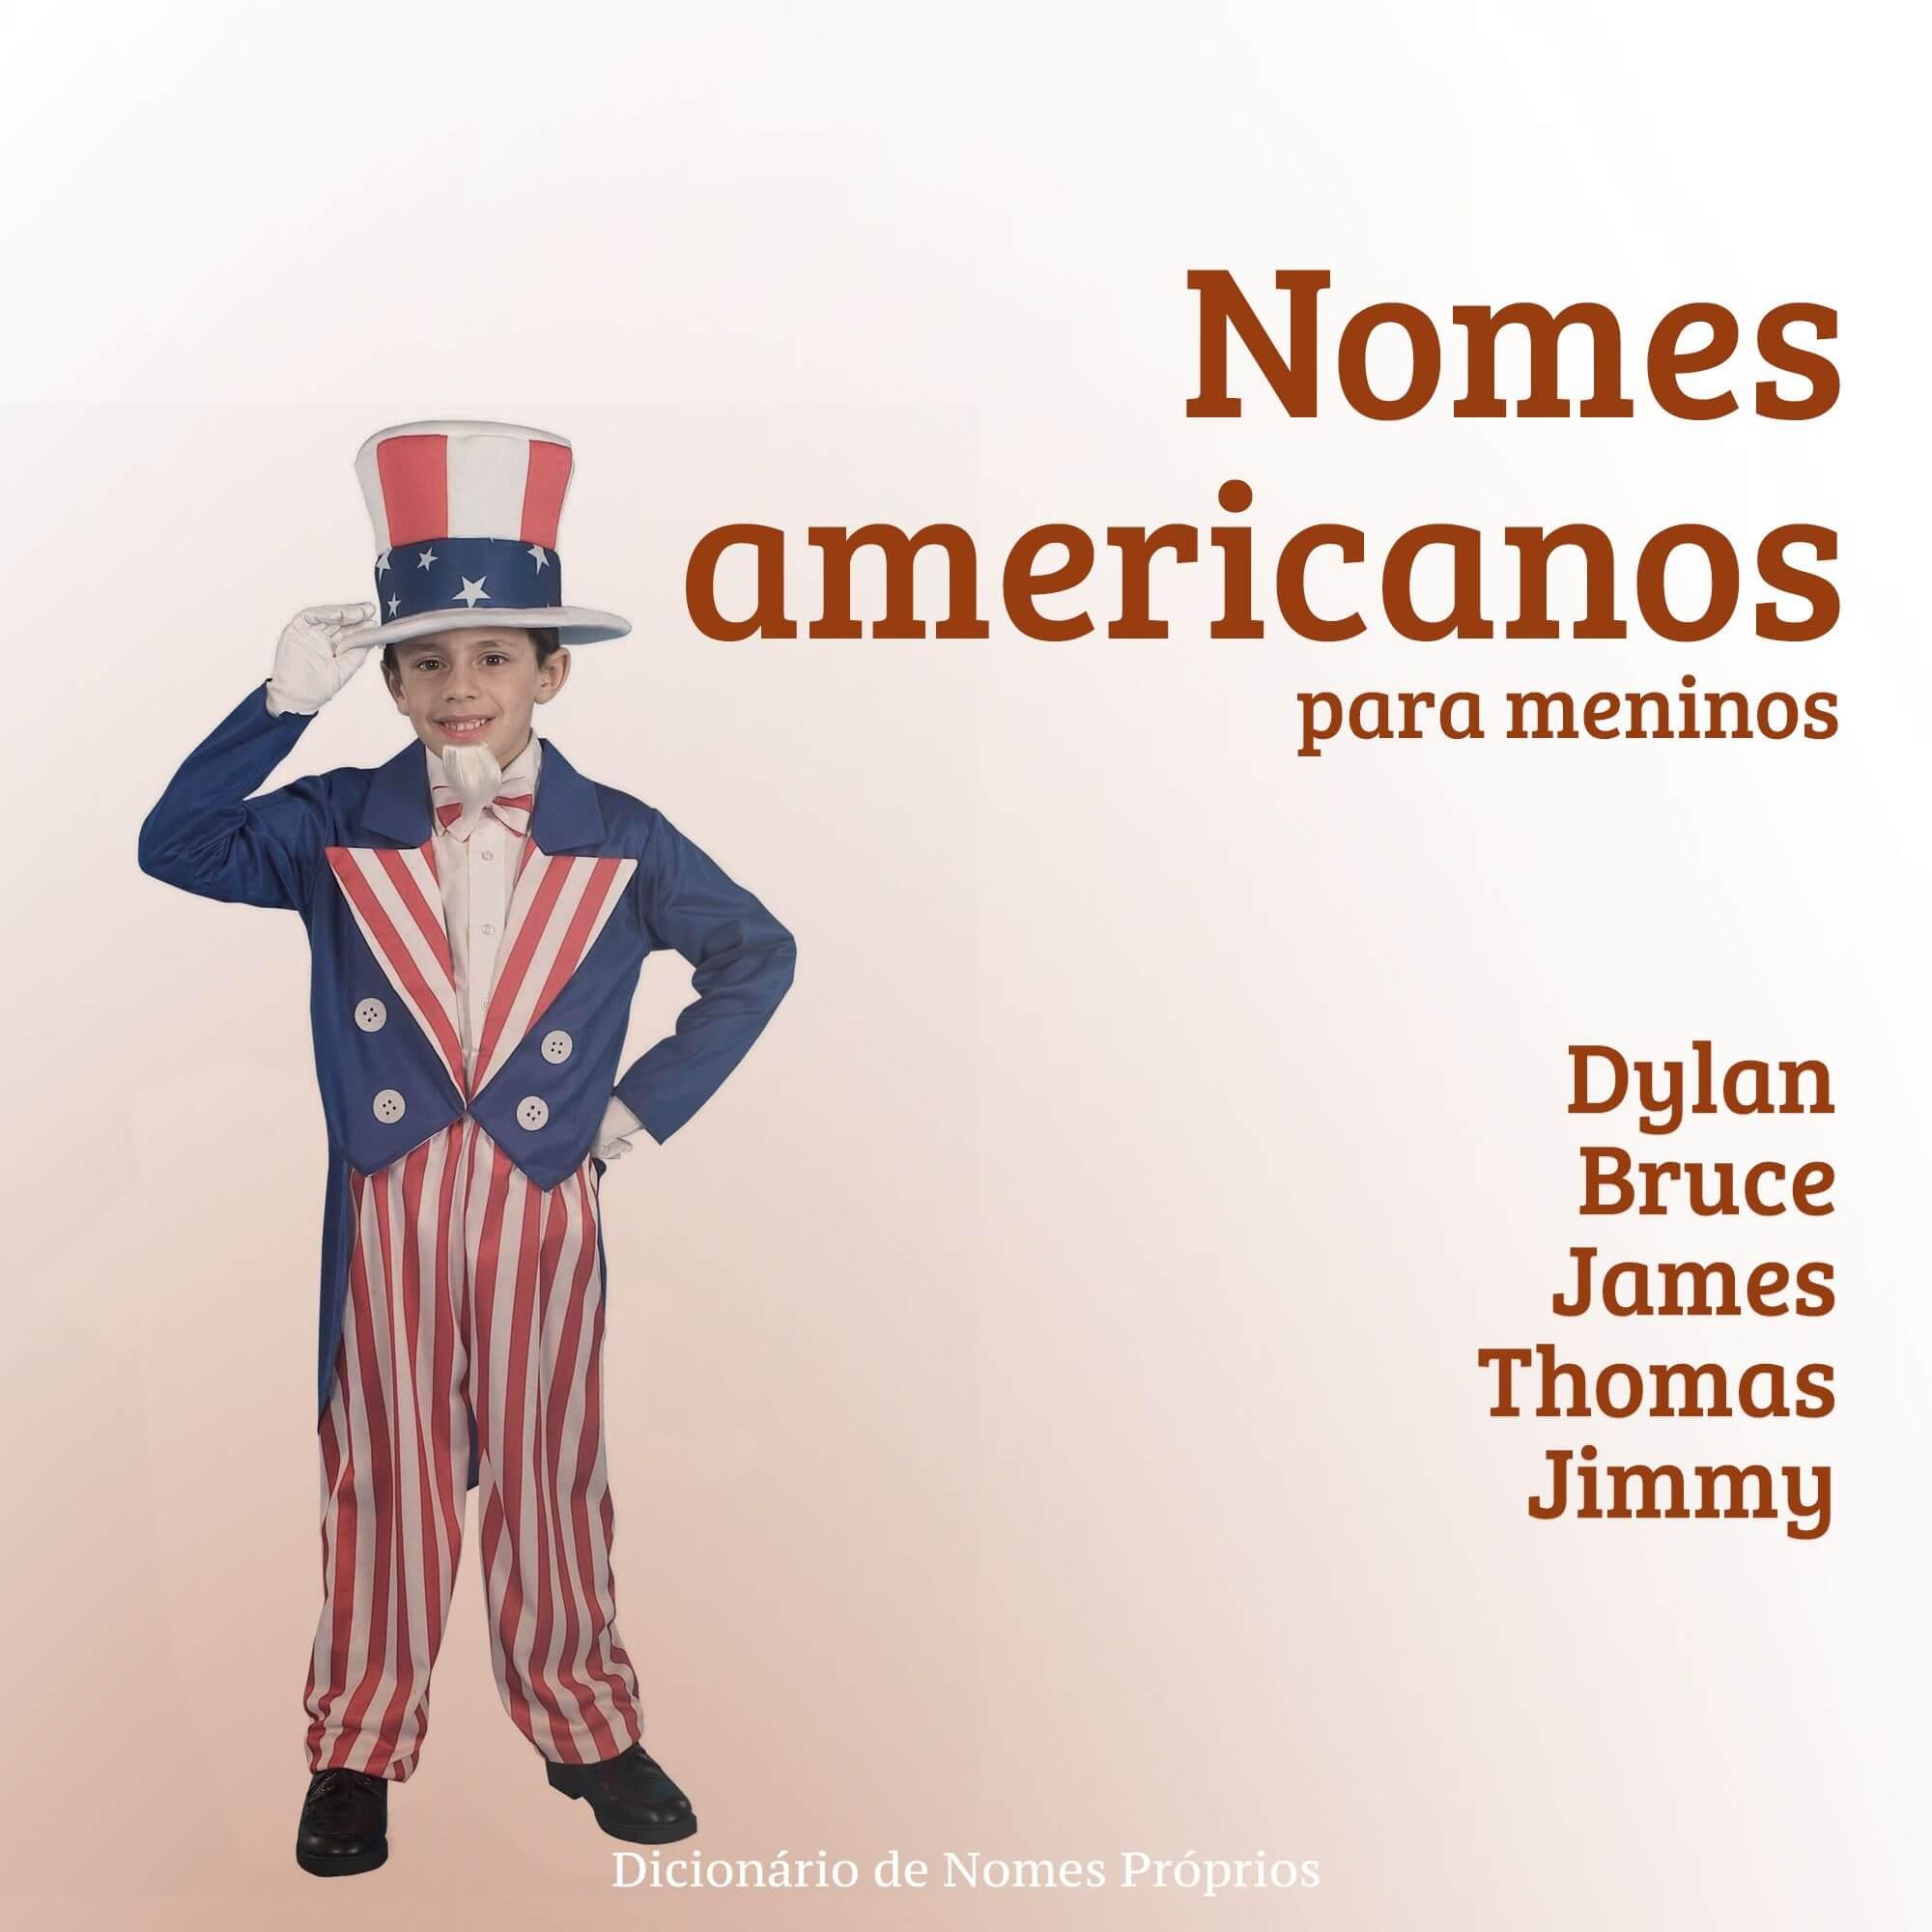 Nomes Americanos Americanos